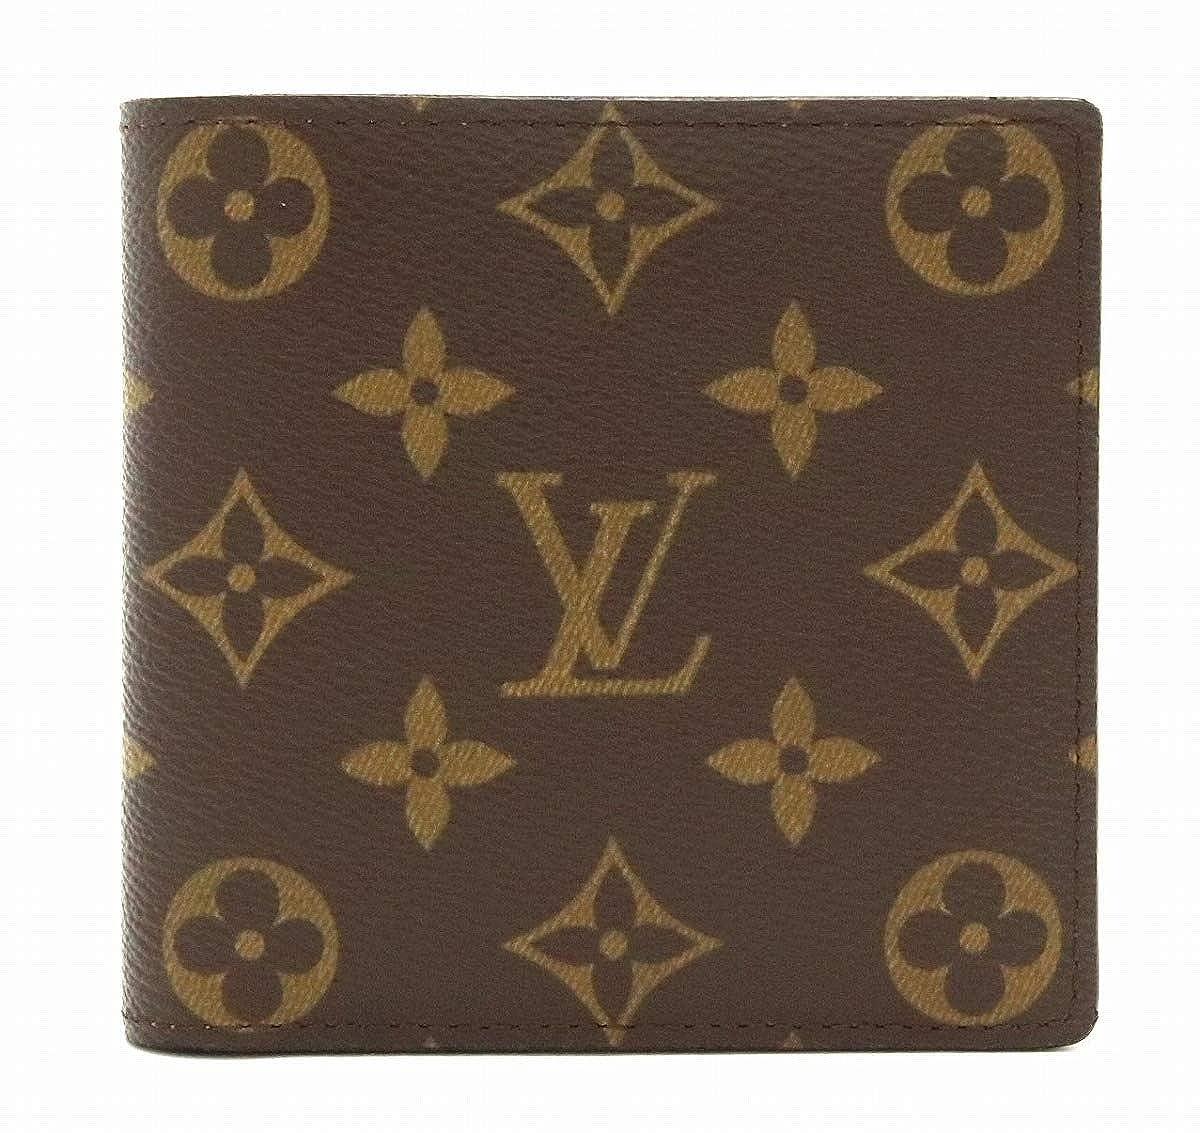 [ルイ ヴィトン] LOUIS VUITTON モノグラム ポルト ビエ カルト クレディ モネ 2つ折財布 M61665 [中古] B07RV6CDR4